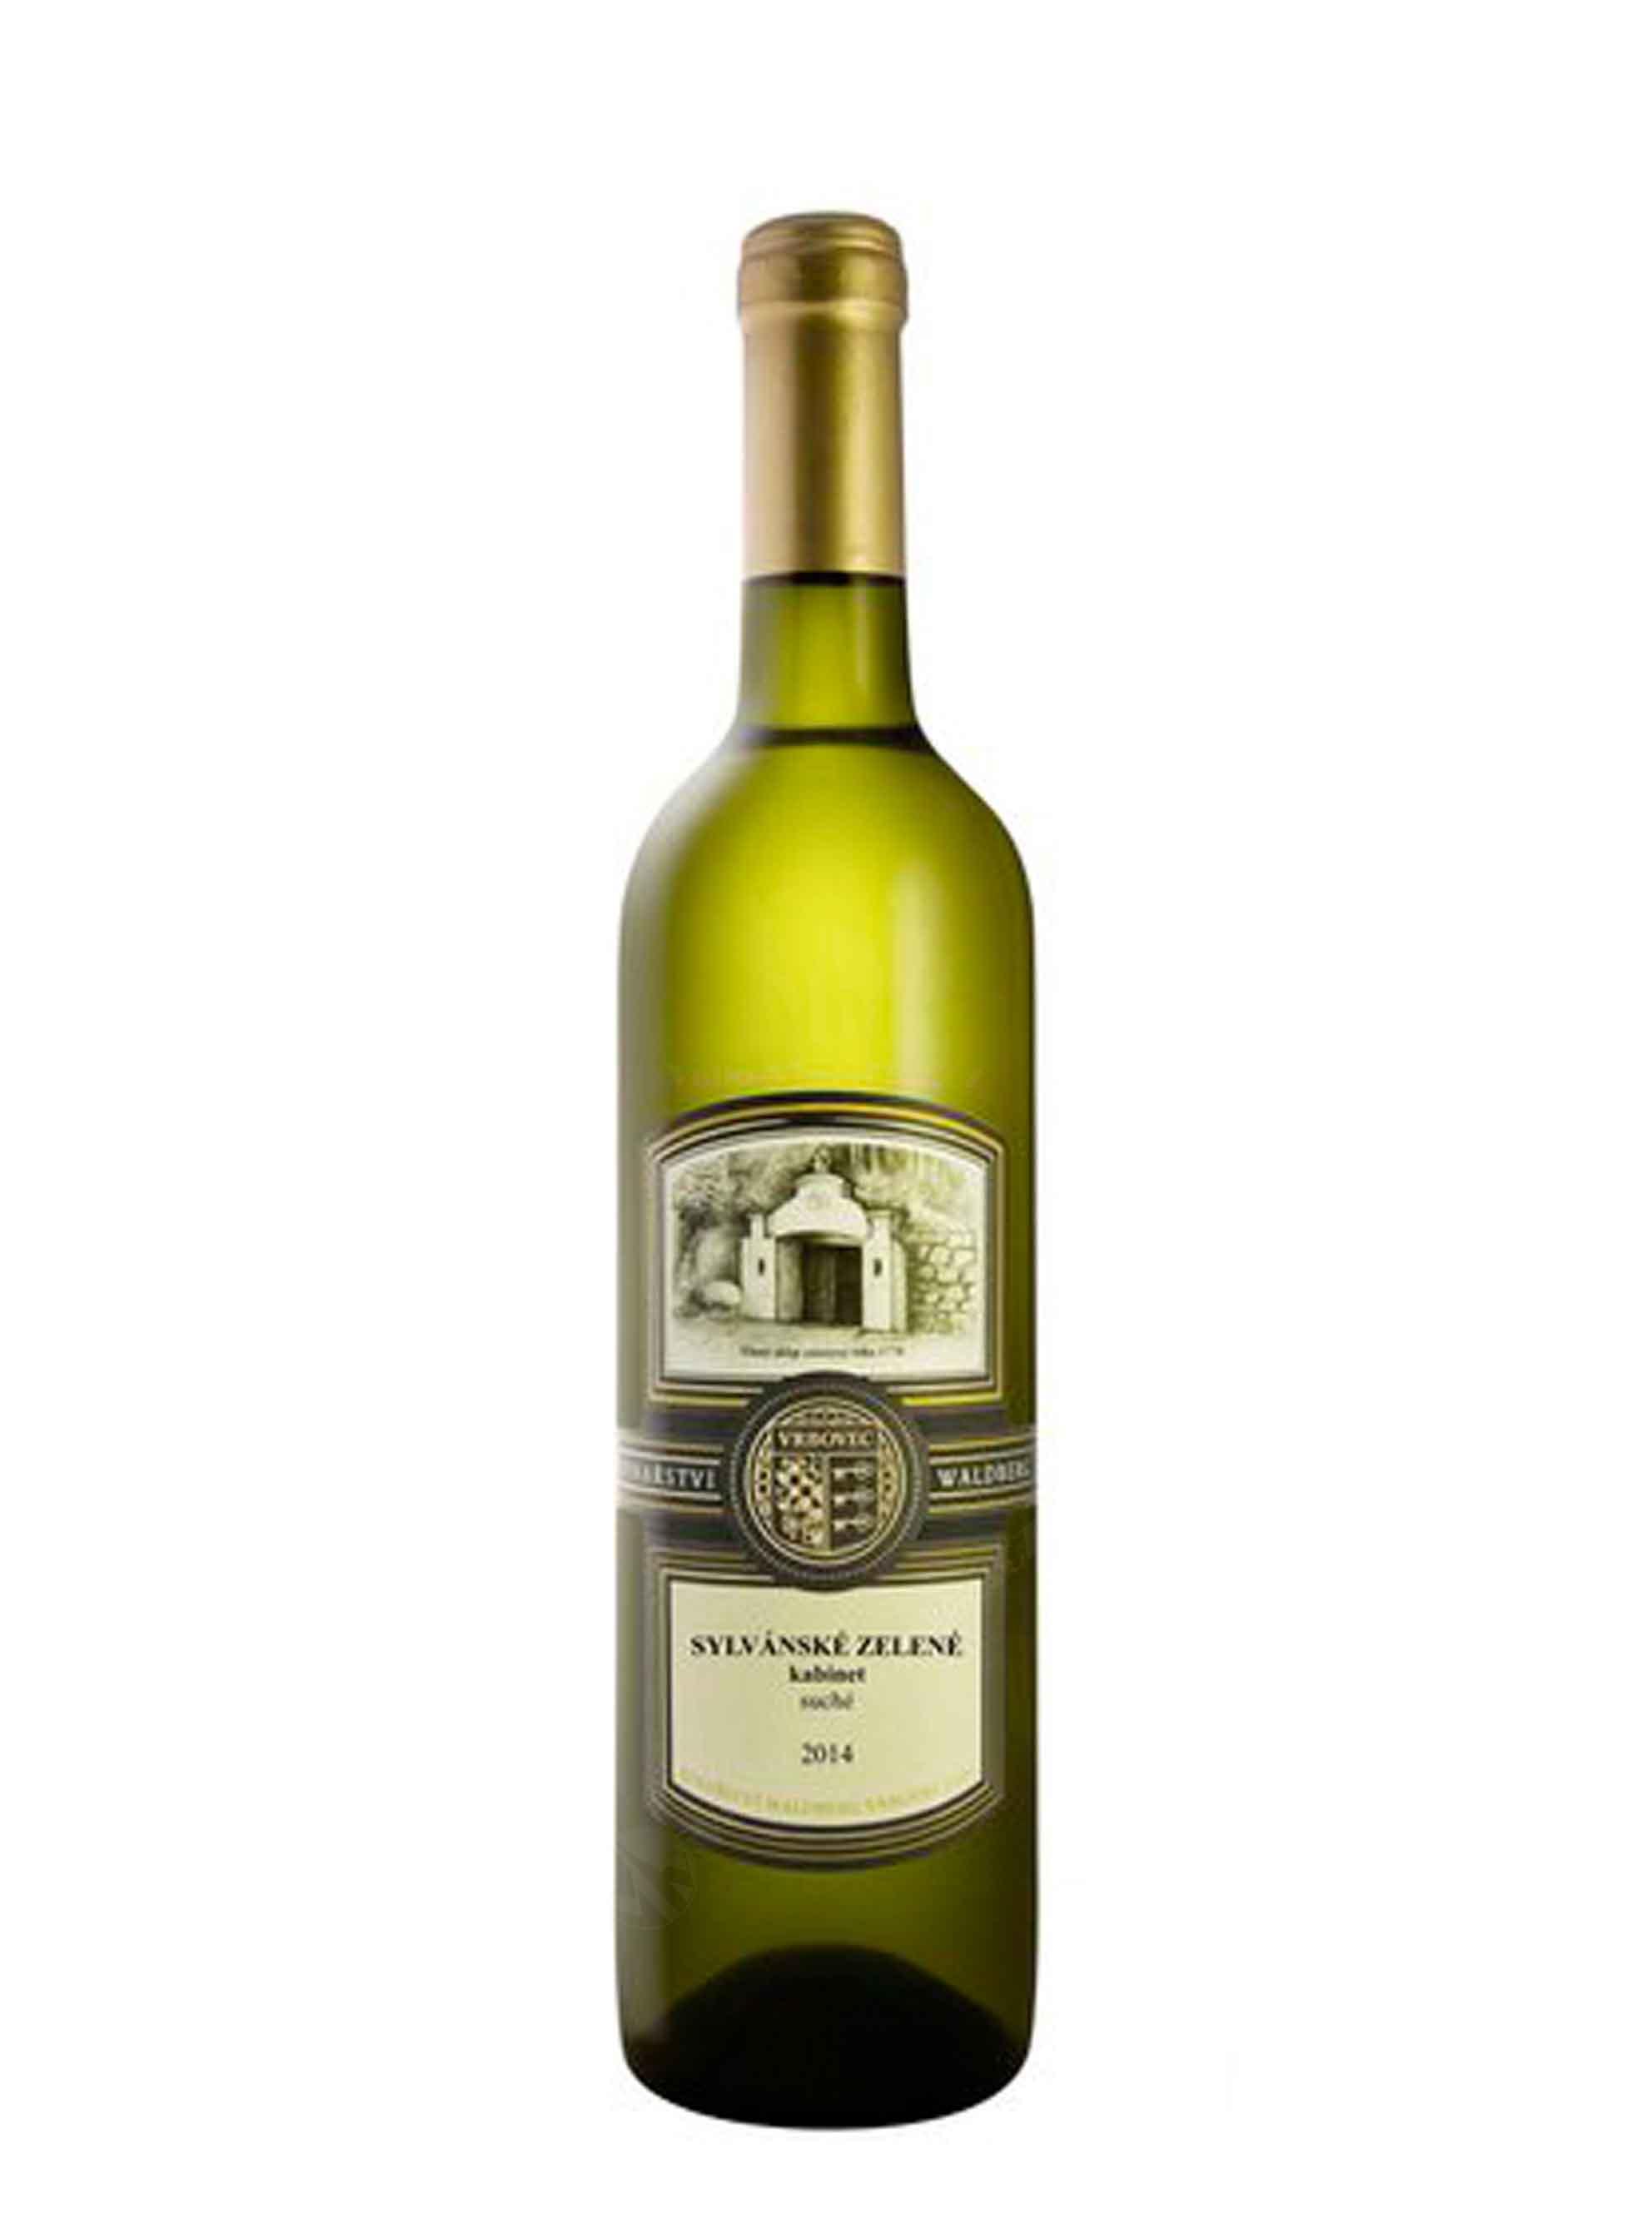 Sylvánské zelené, Terroir, Kabinet, 2014, Vinařství Waldberg, 0.75 l